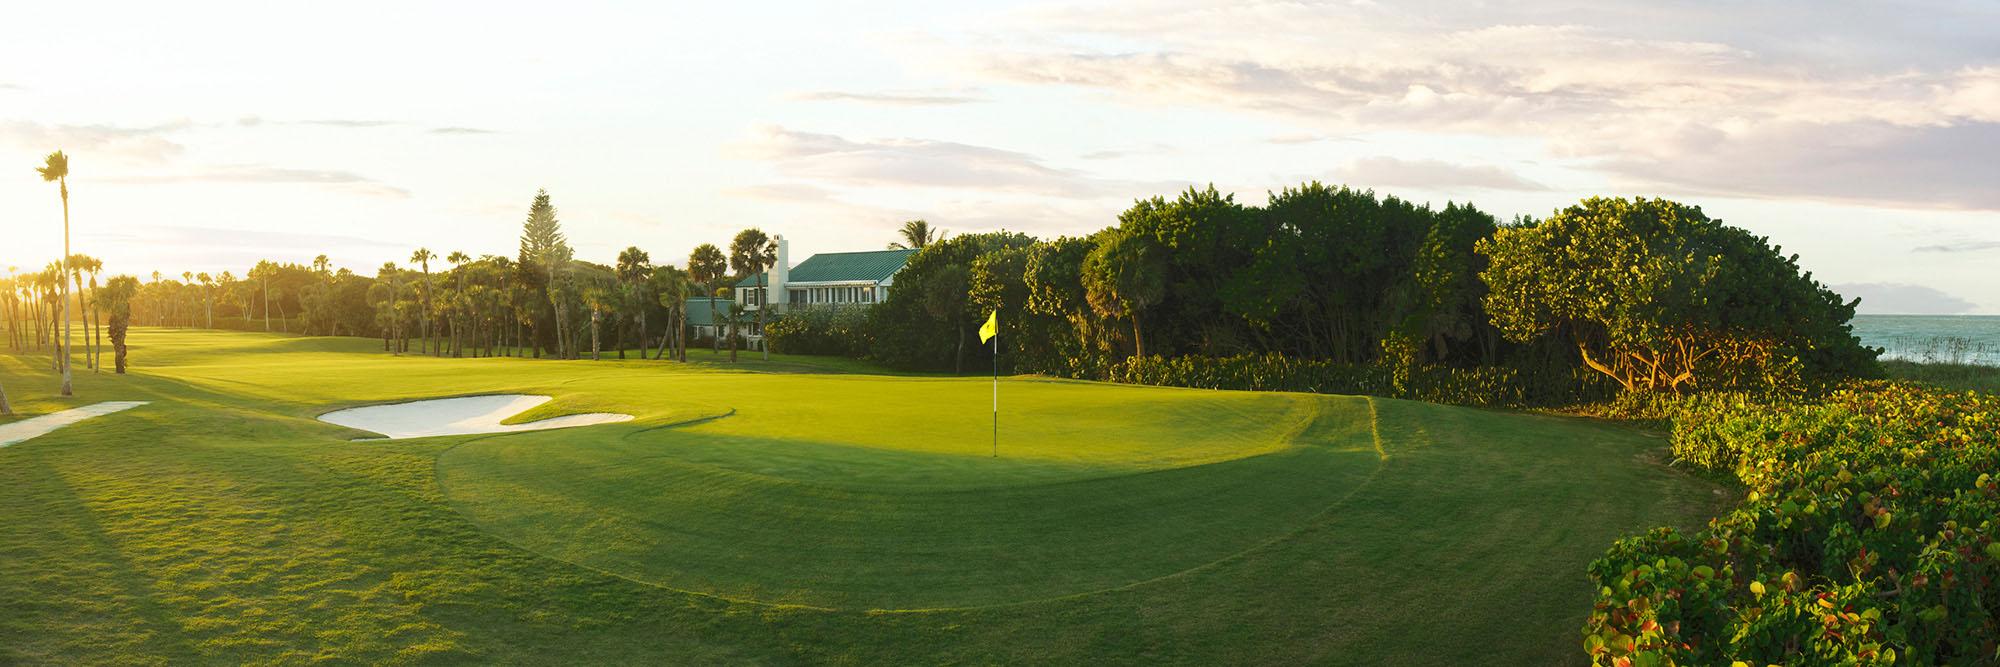 Golf Course Image - Riomar No. 1